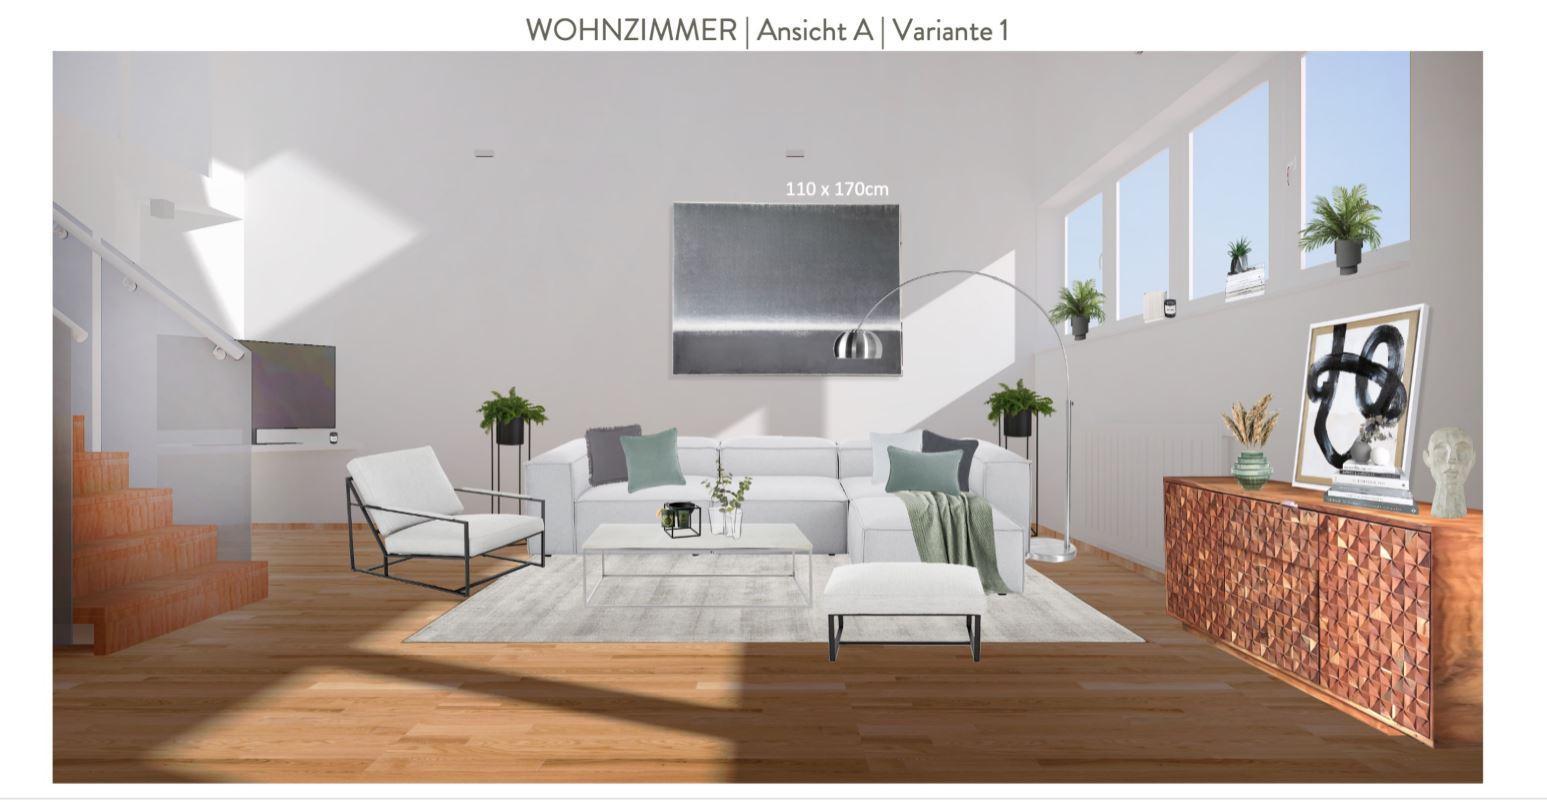 Wohnzimmer mit offener Kueche einrichten Entwurf Sofaecke Variante 1